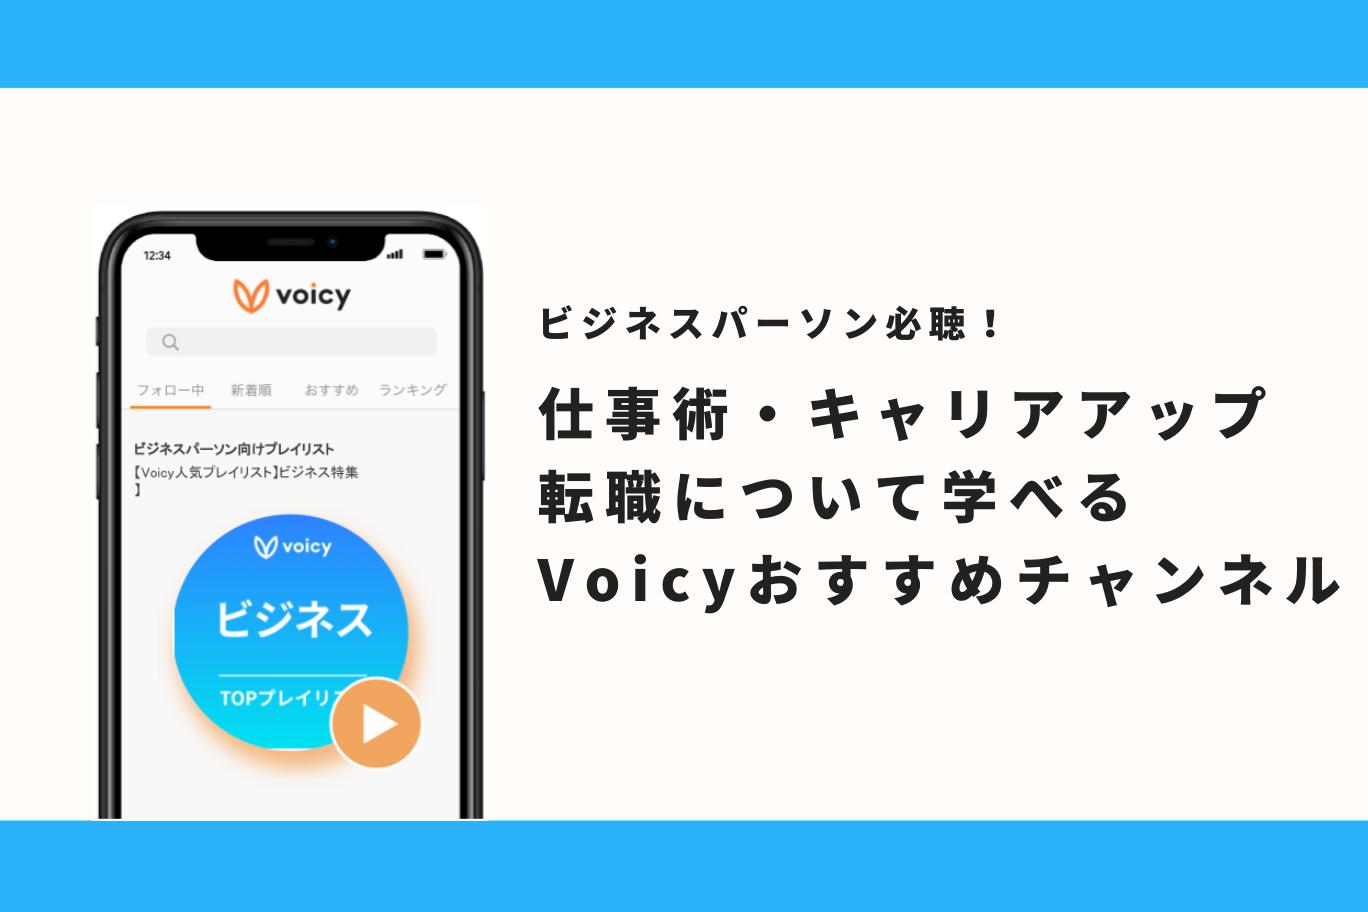 ビジネスパーソン必聴!仕事術・キャリアアップ ・転職について学べるVoicyおすすめチャンネル